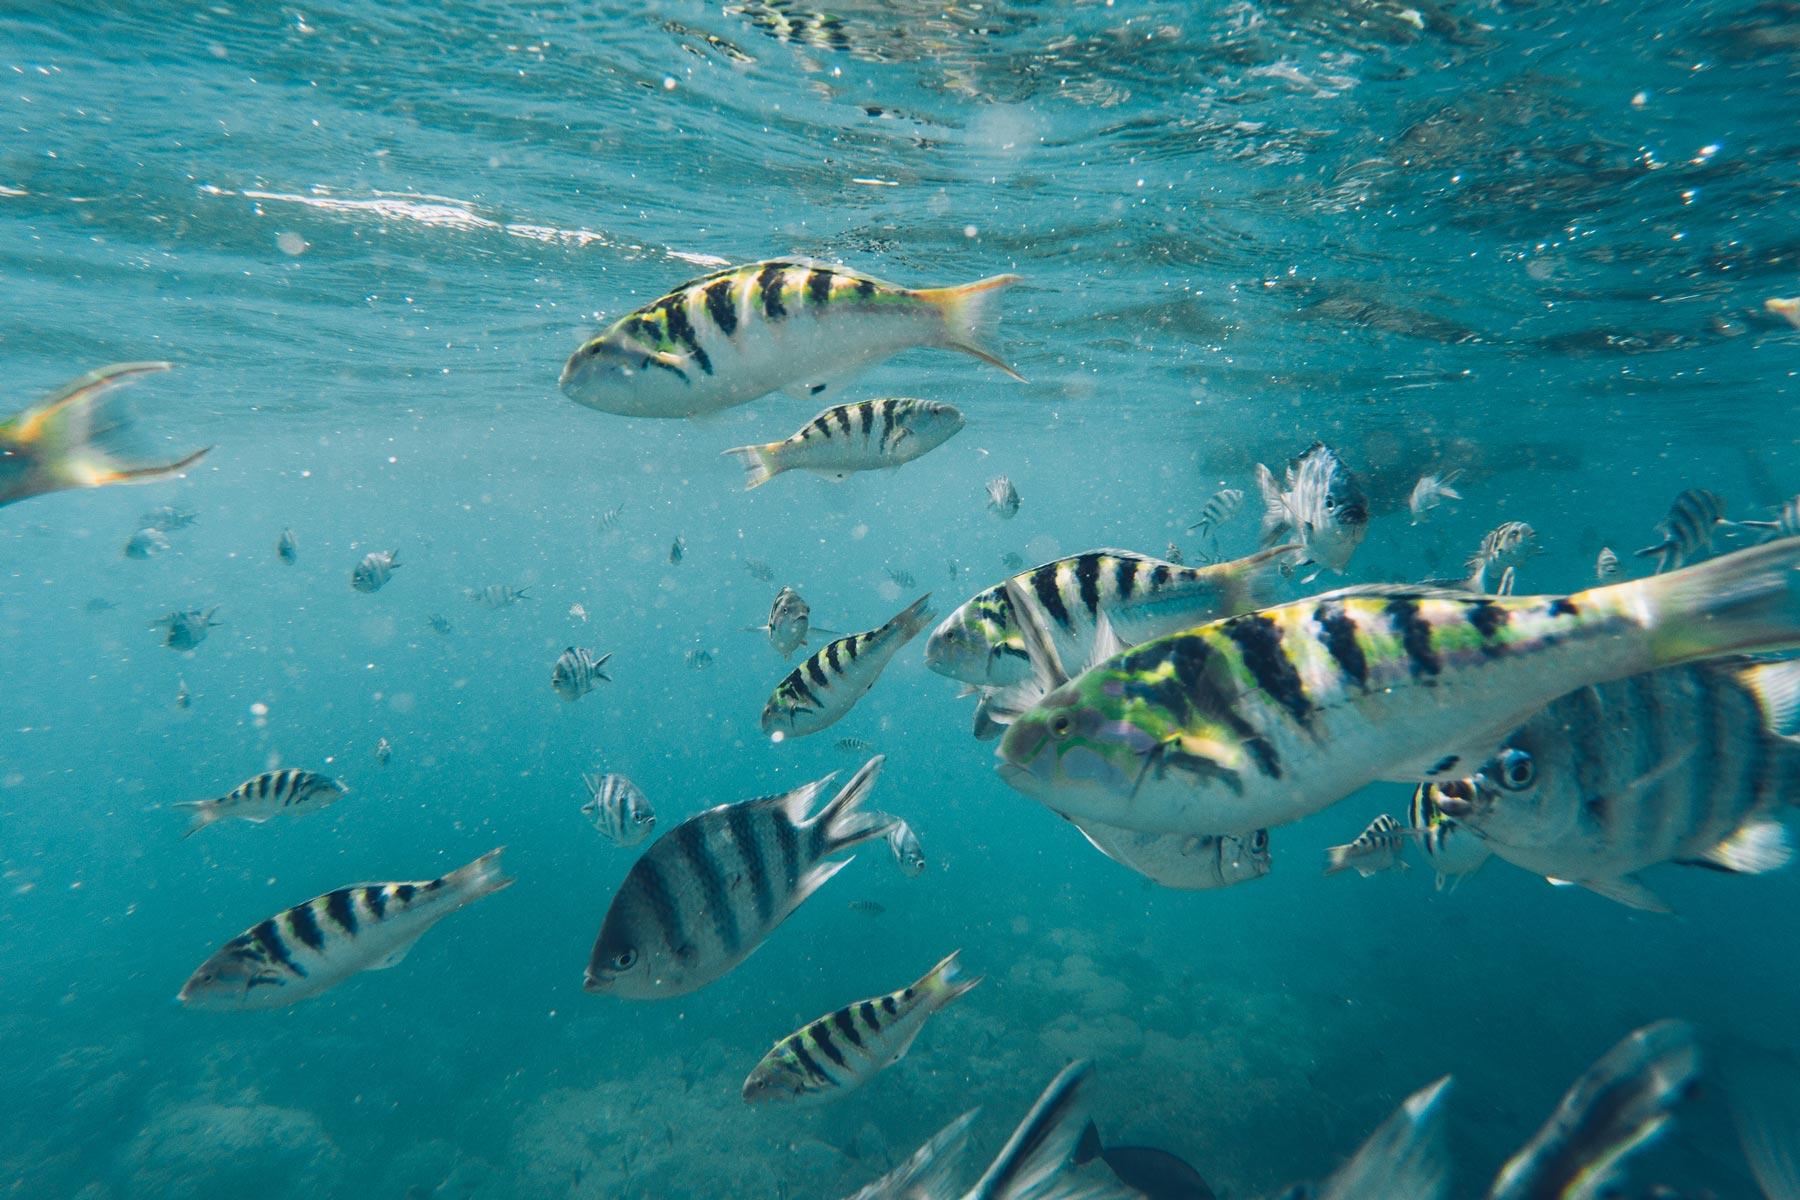 Meilleur spot de plongée, Rangiroa, Polynésie Française